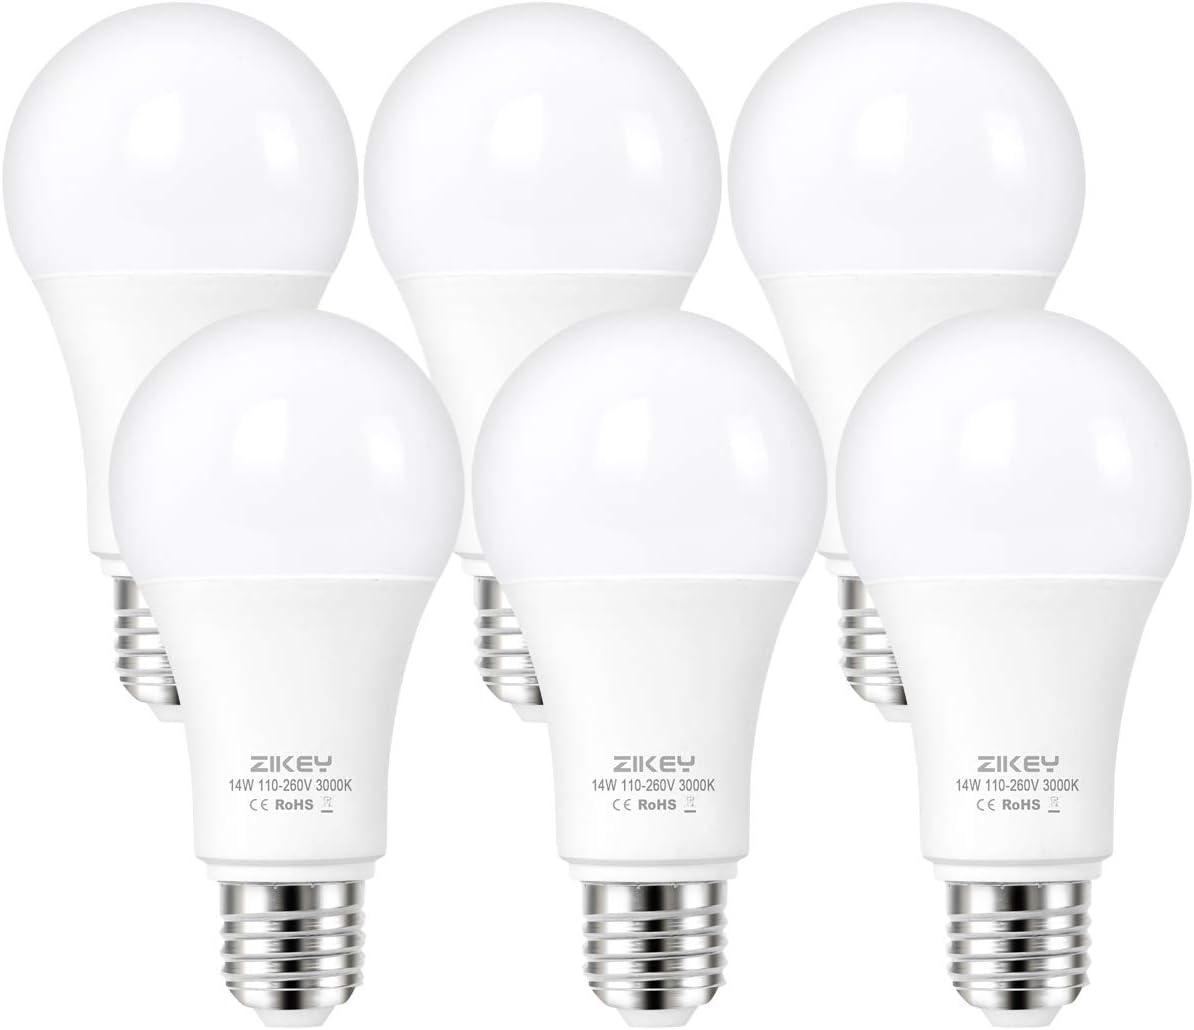 ZIKEY Bombilla LED E27, 14W equivalentes a 110W, A65 Esférica lámpara, 3000K Luz Blanco Cálido, 1200 lúmenes, No regulable - Paquete de 6